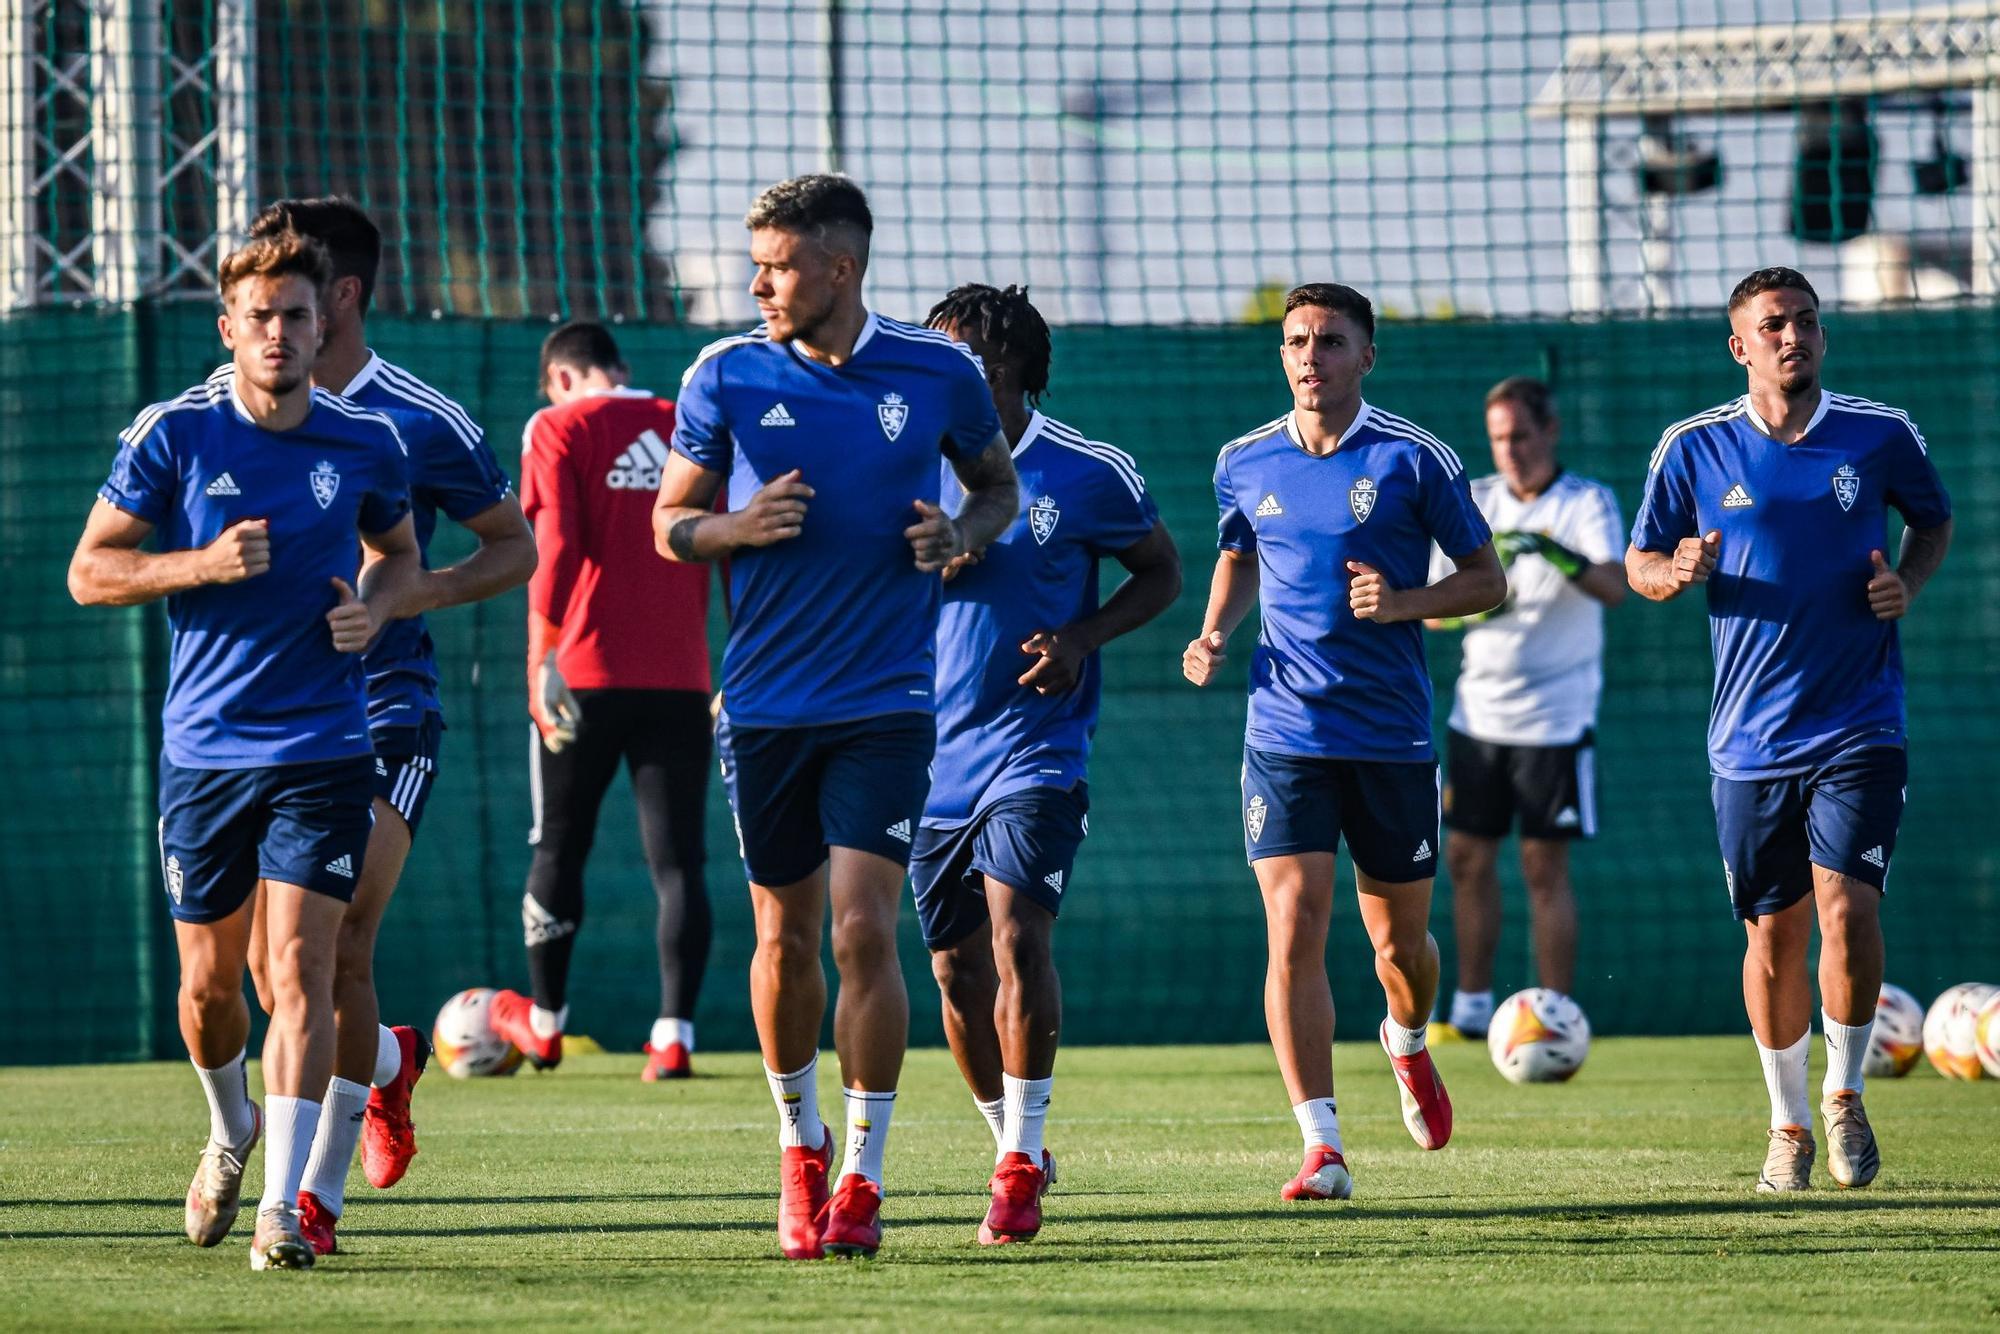 FOTOGALERÍA | Primer entrenamiento del Real Zaragoza en San Pedro del Pinatar